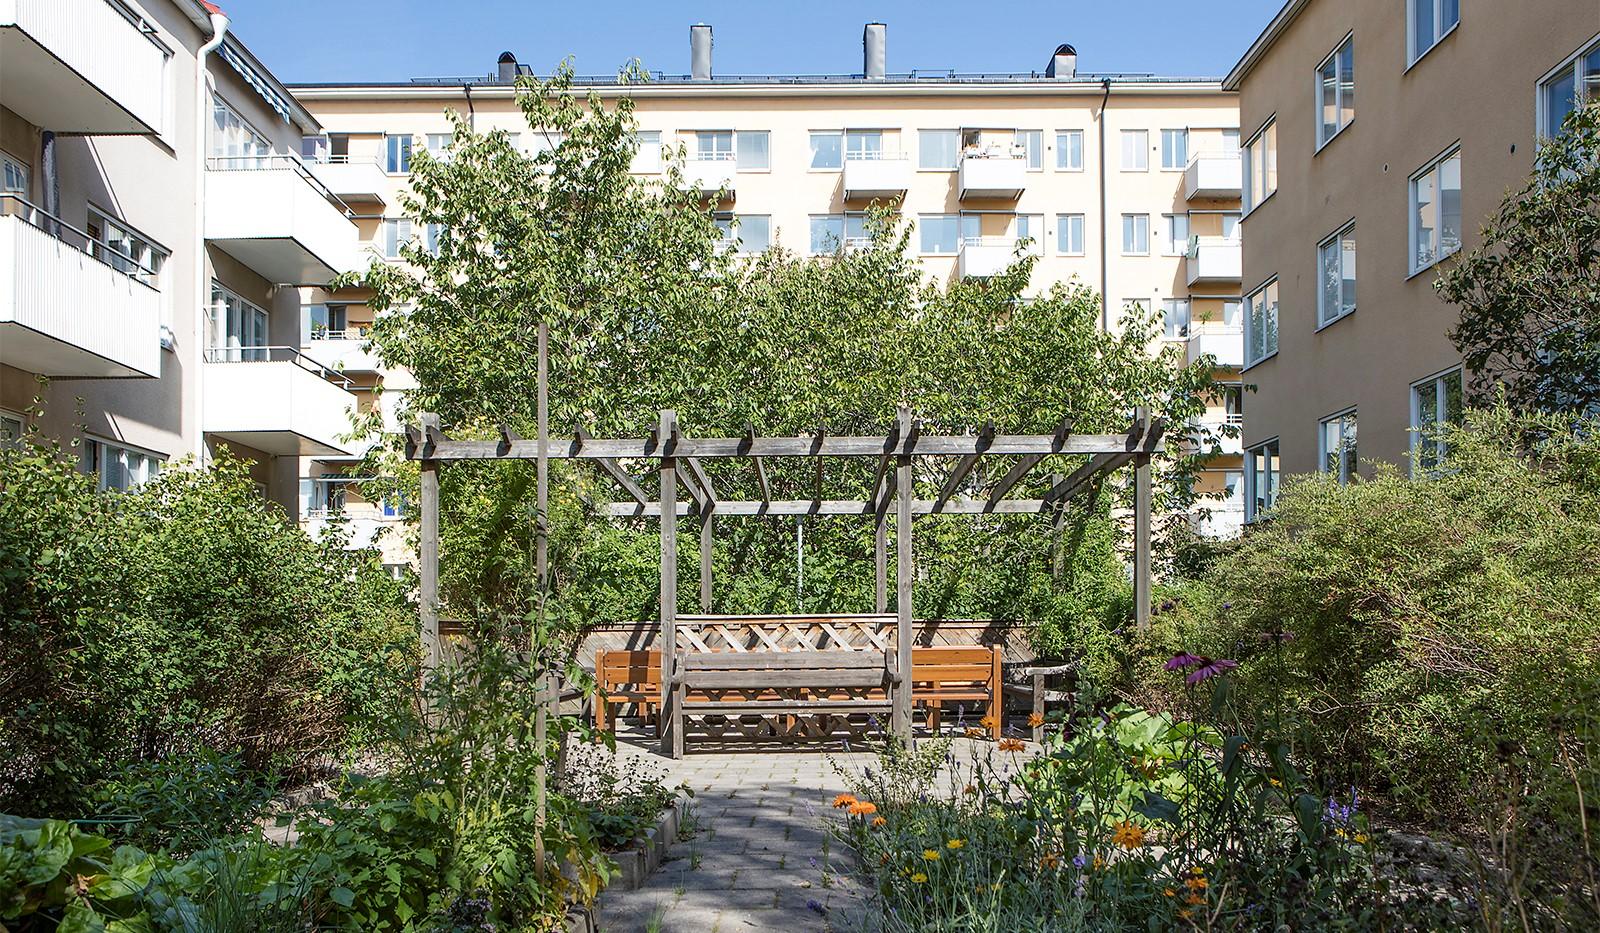 Råggatan 8, 1,5 tr - Föreningen har en stor innergård med sittplatser och grillmöjligheter